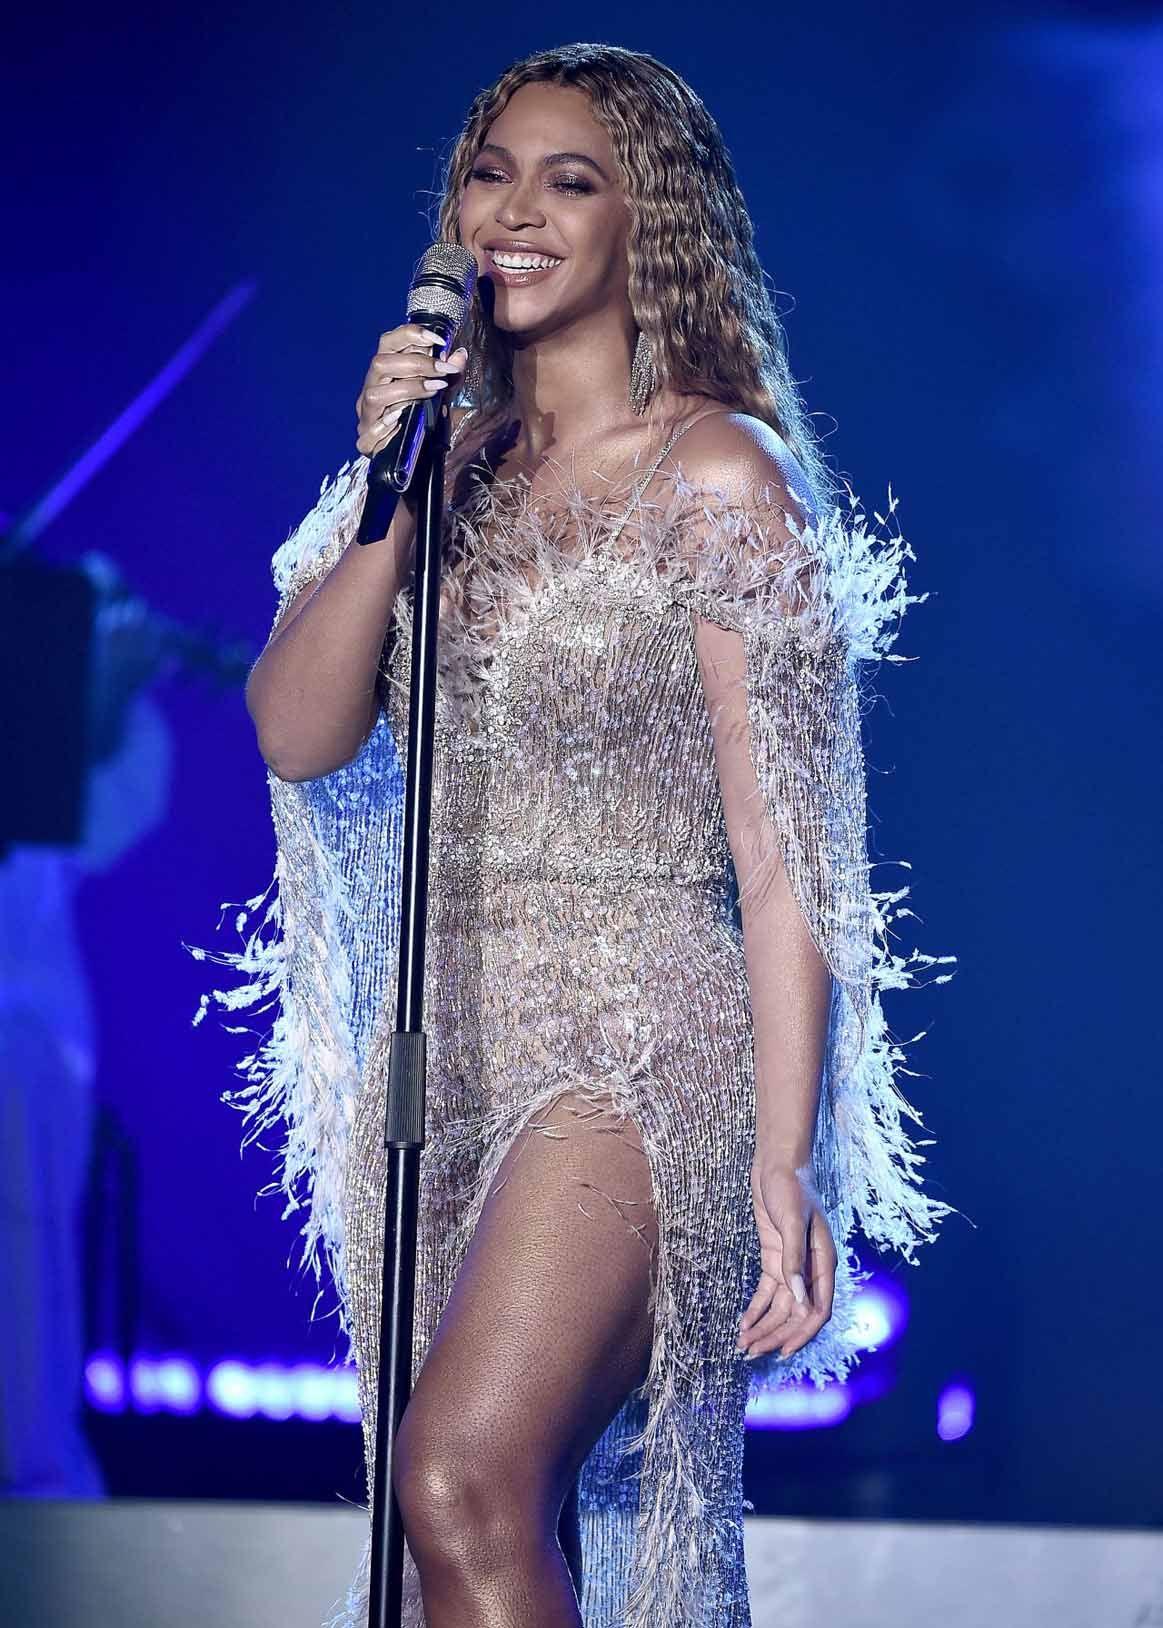 Pin by NikklaDesigns on Beyoncé Wallpaper   Beyonce